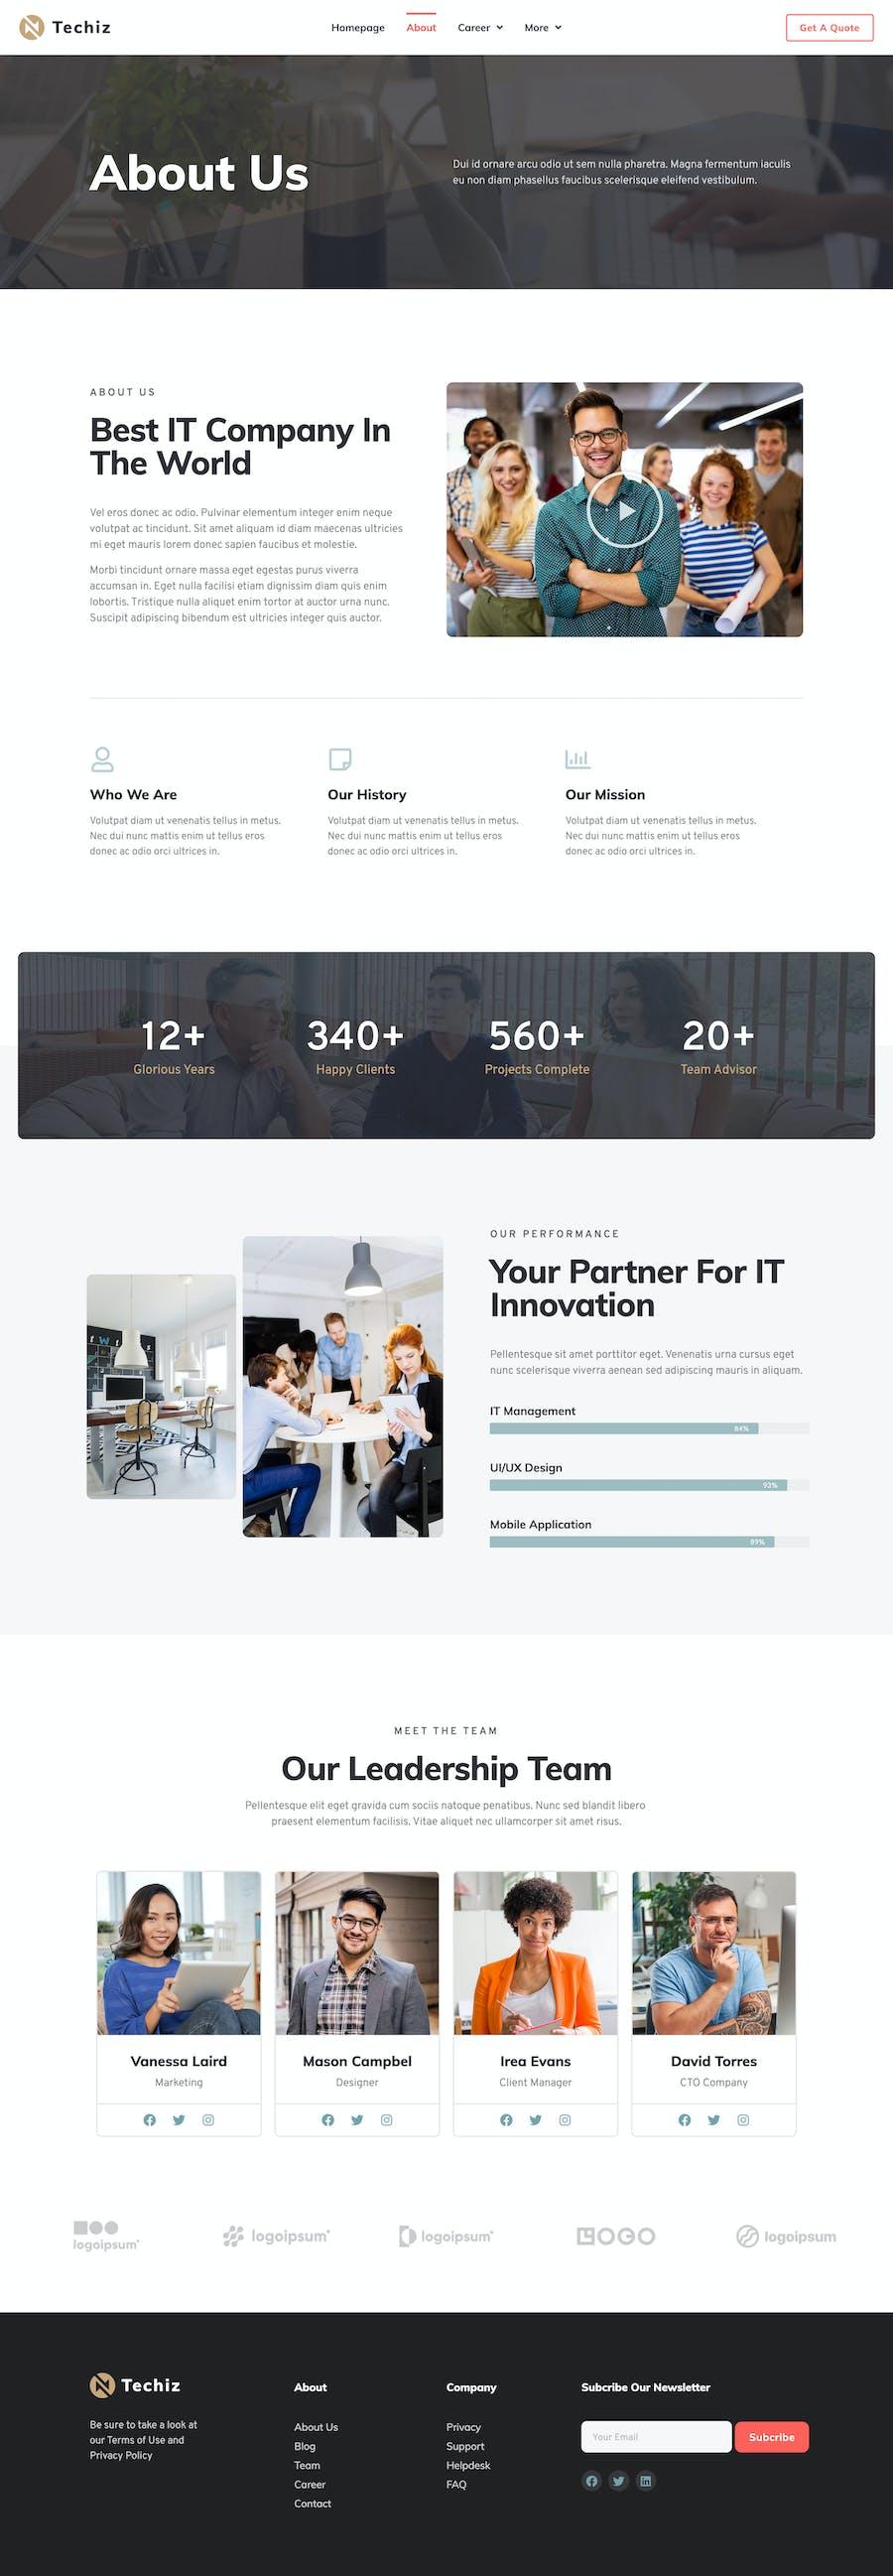 Techiz | Template Kit для начинающих и начинающих элементов